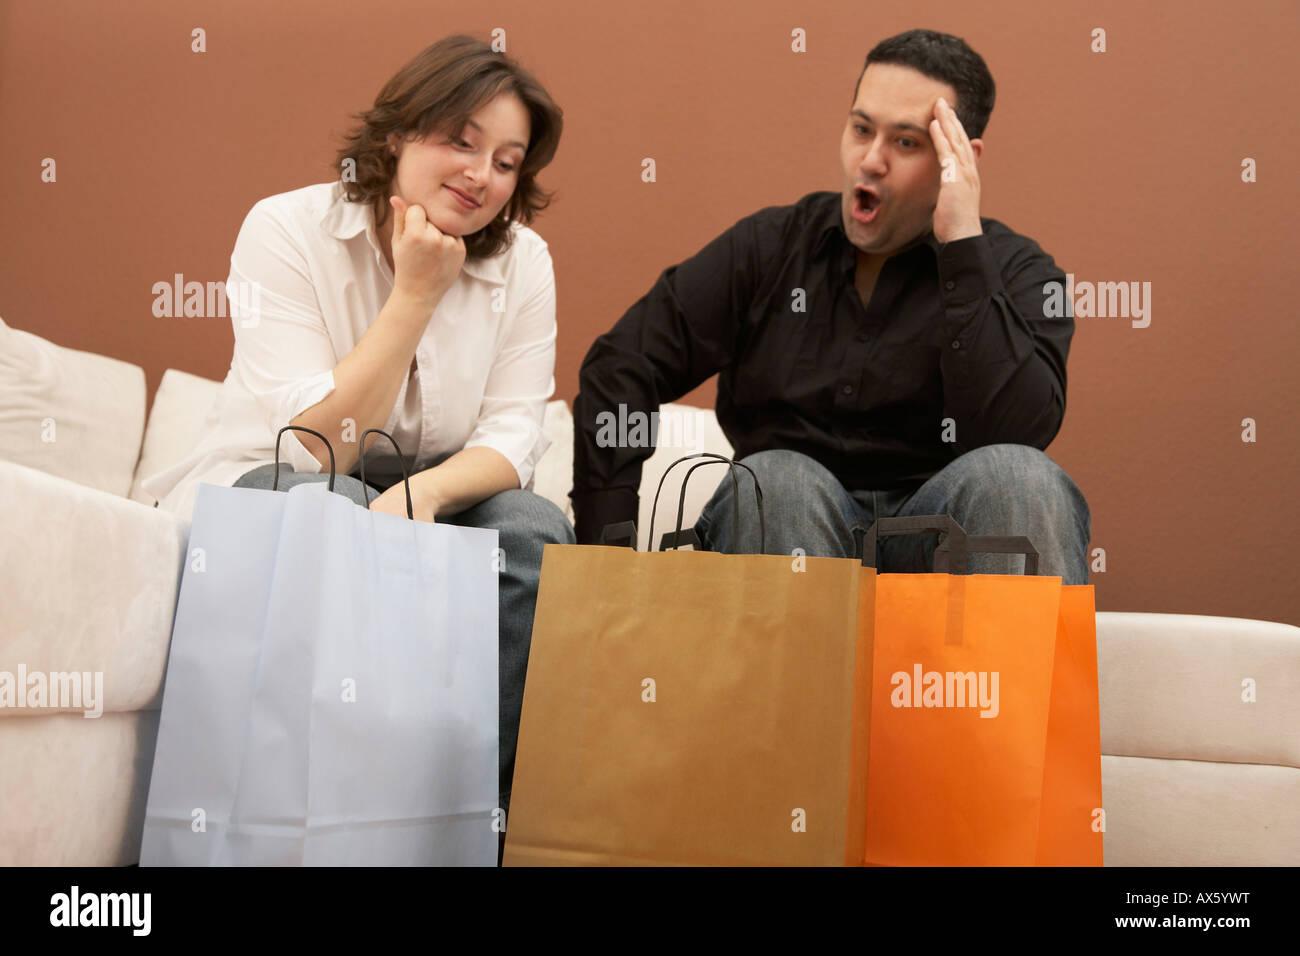 Homme choqué à son épouse des achats des Photo Stock